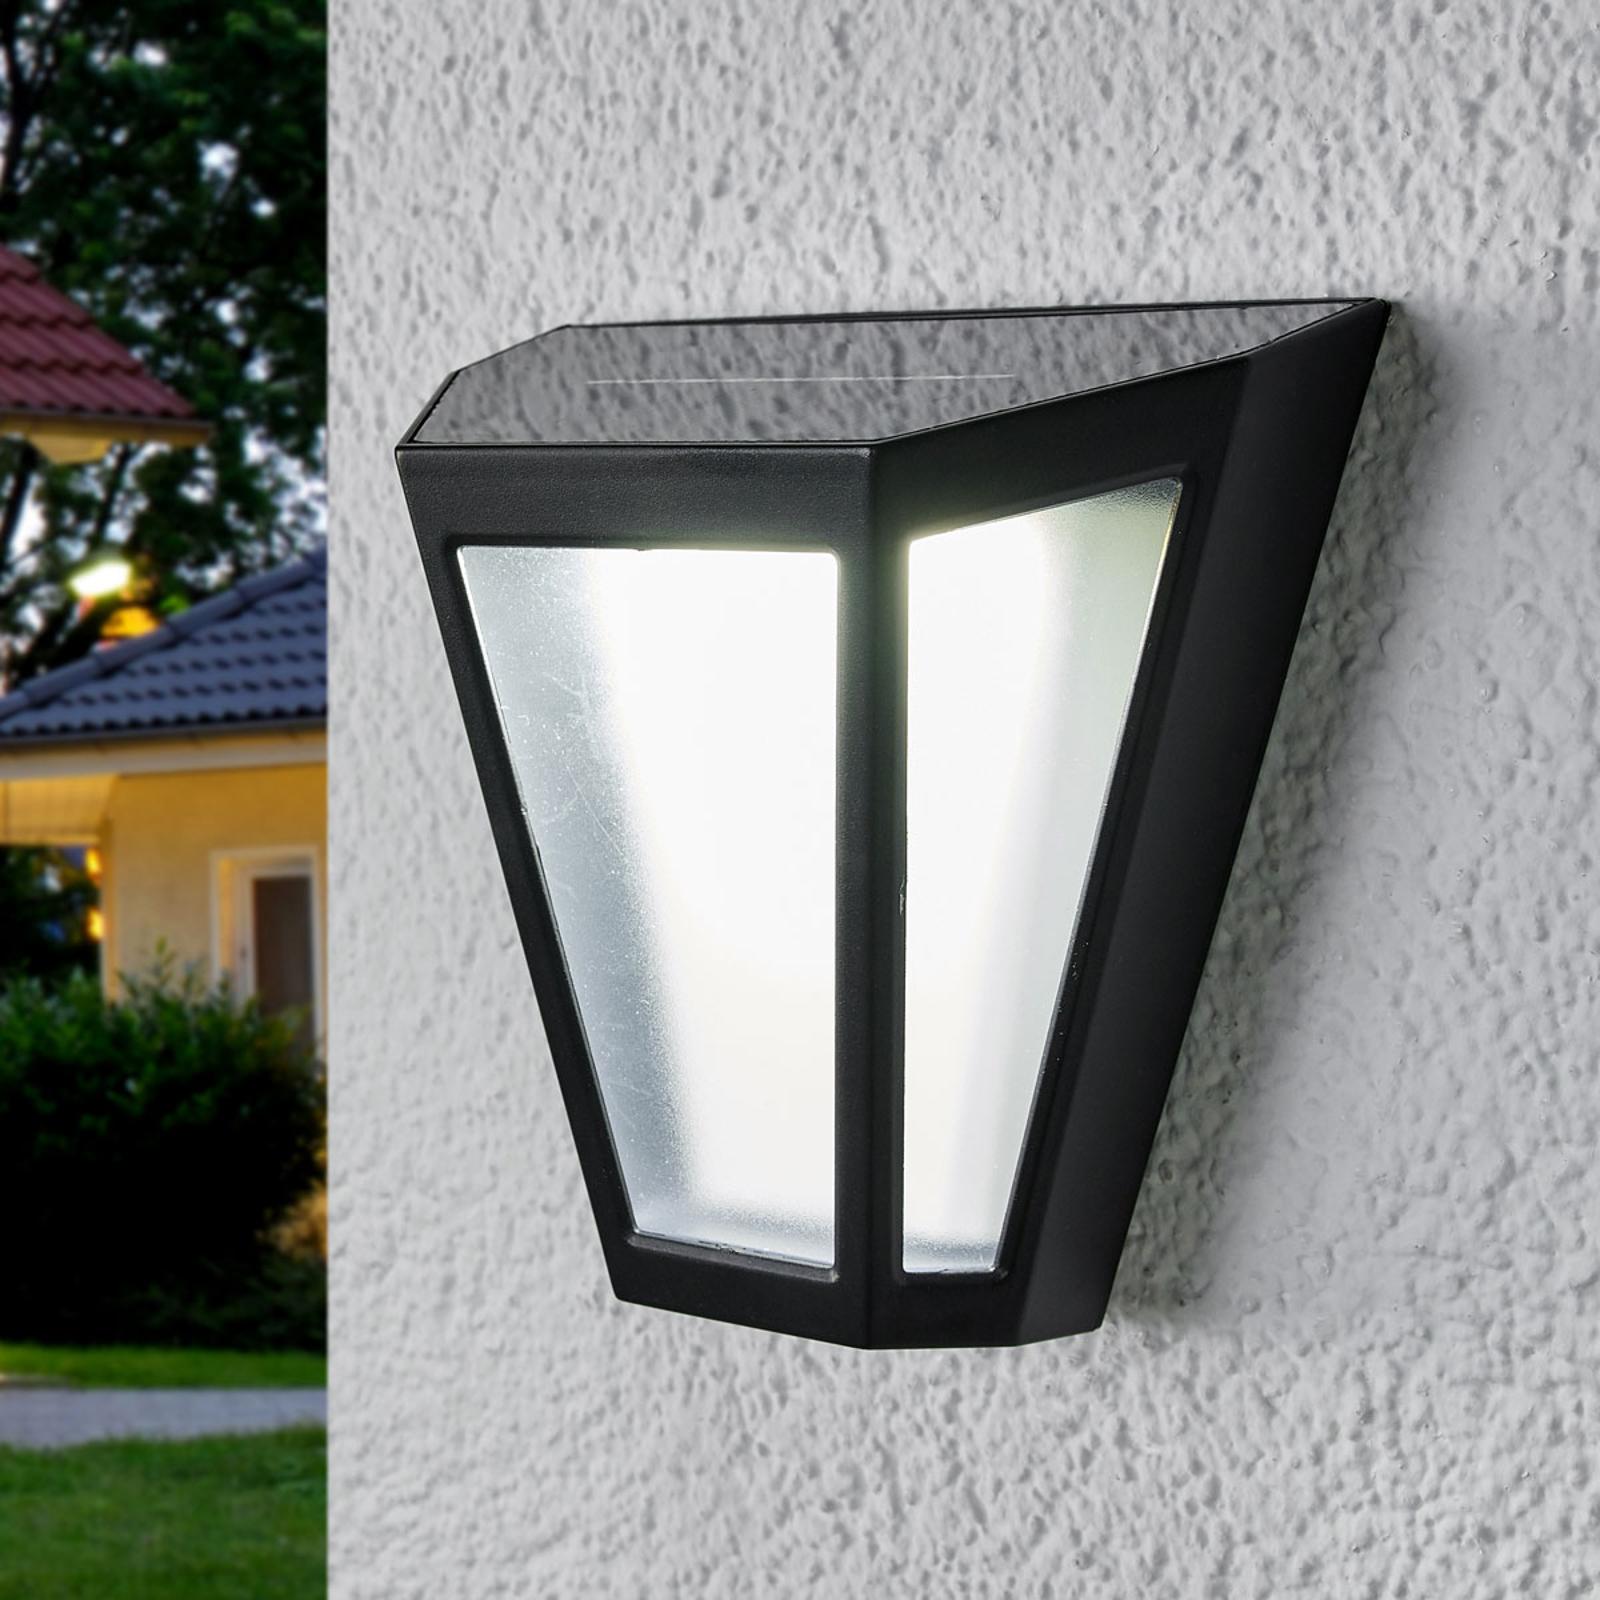 Solarny kinkiet LED Yago, matowy klosz